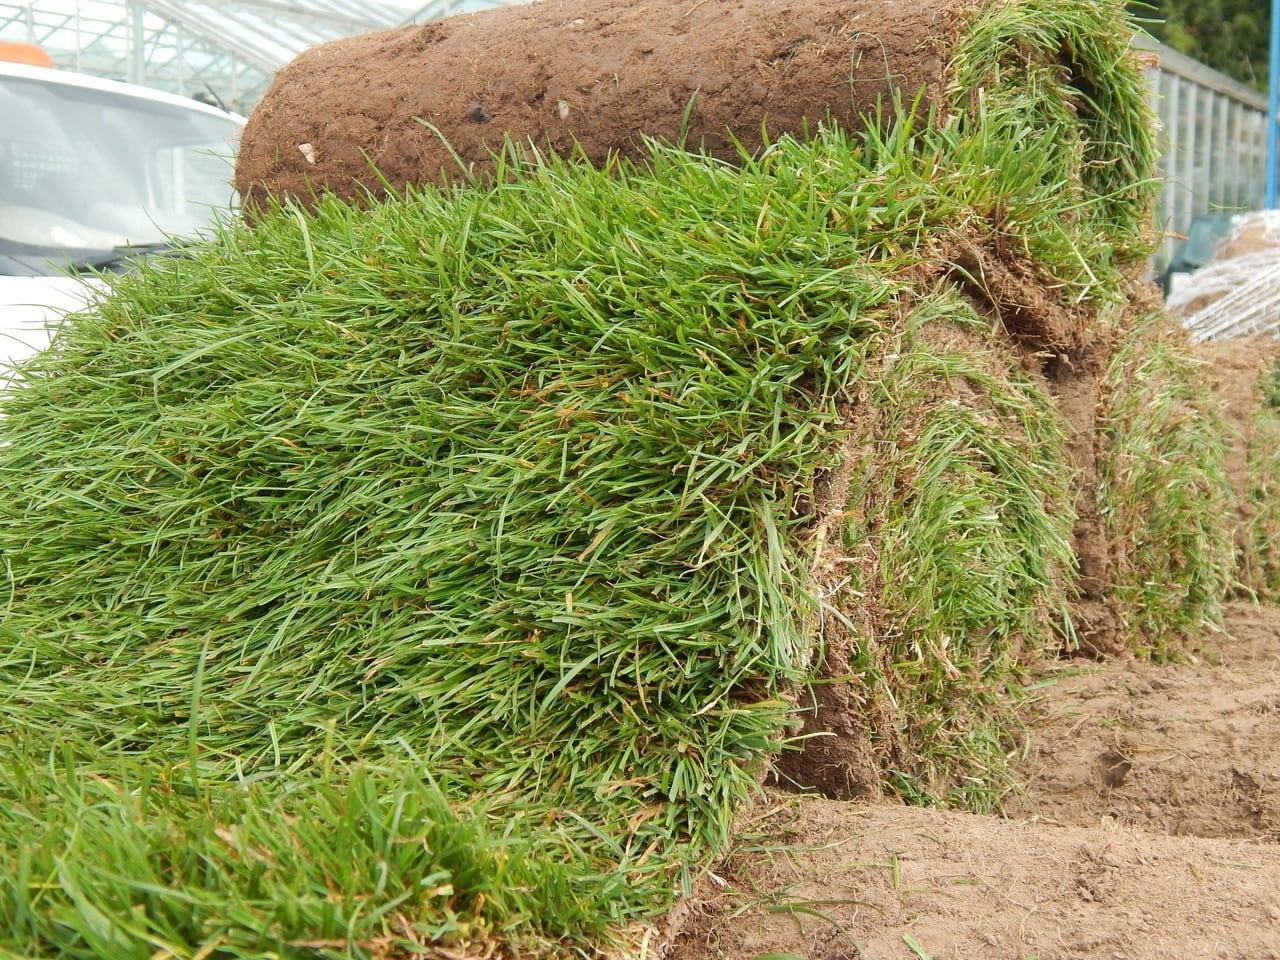 Singletons Premium Seeded Lawn Turf